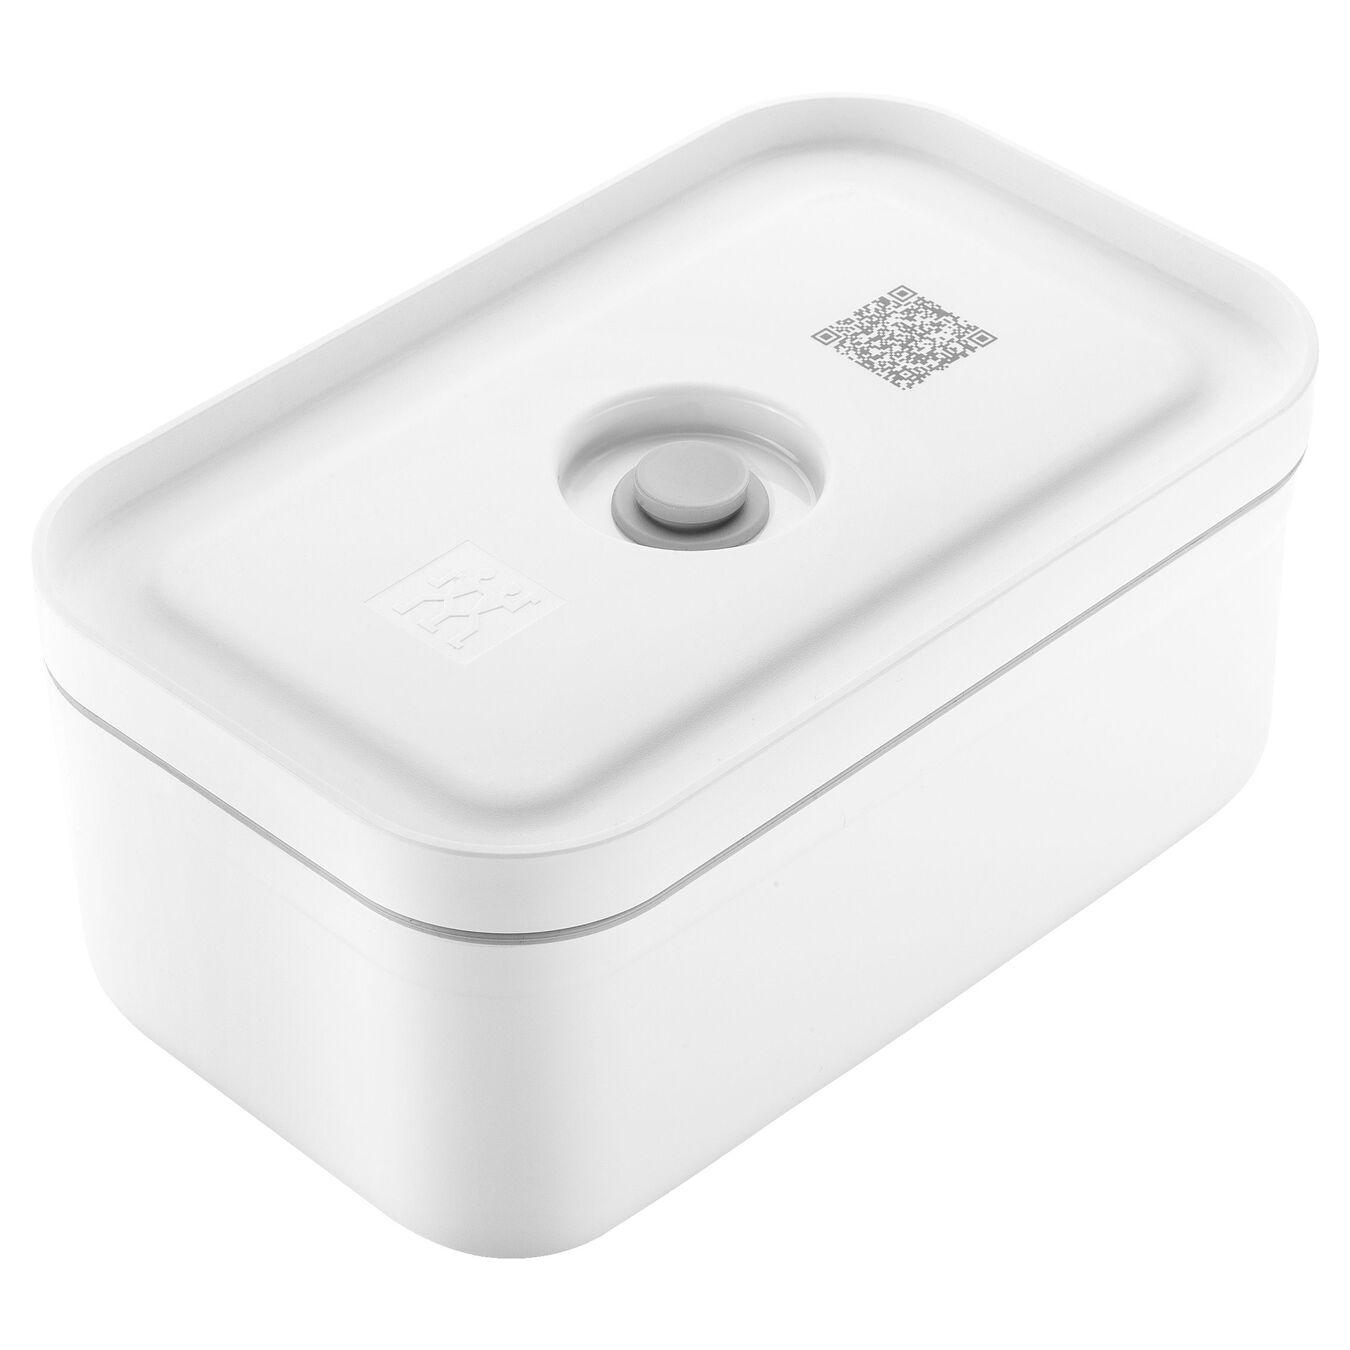 Vacuum lunch box, medium, Plastic, White,,large 1